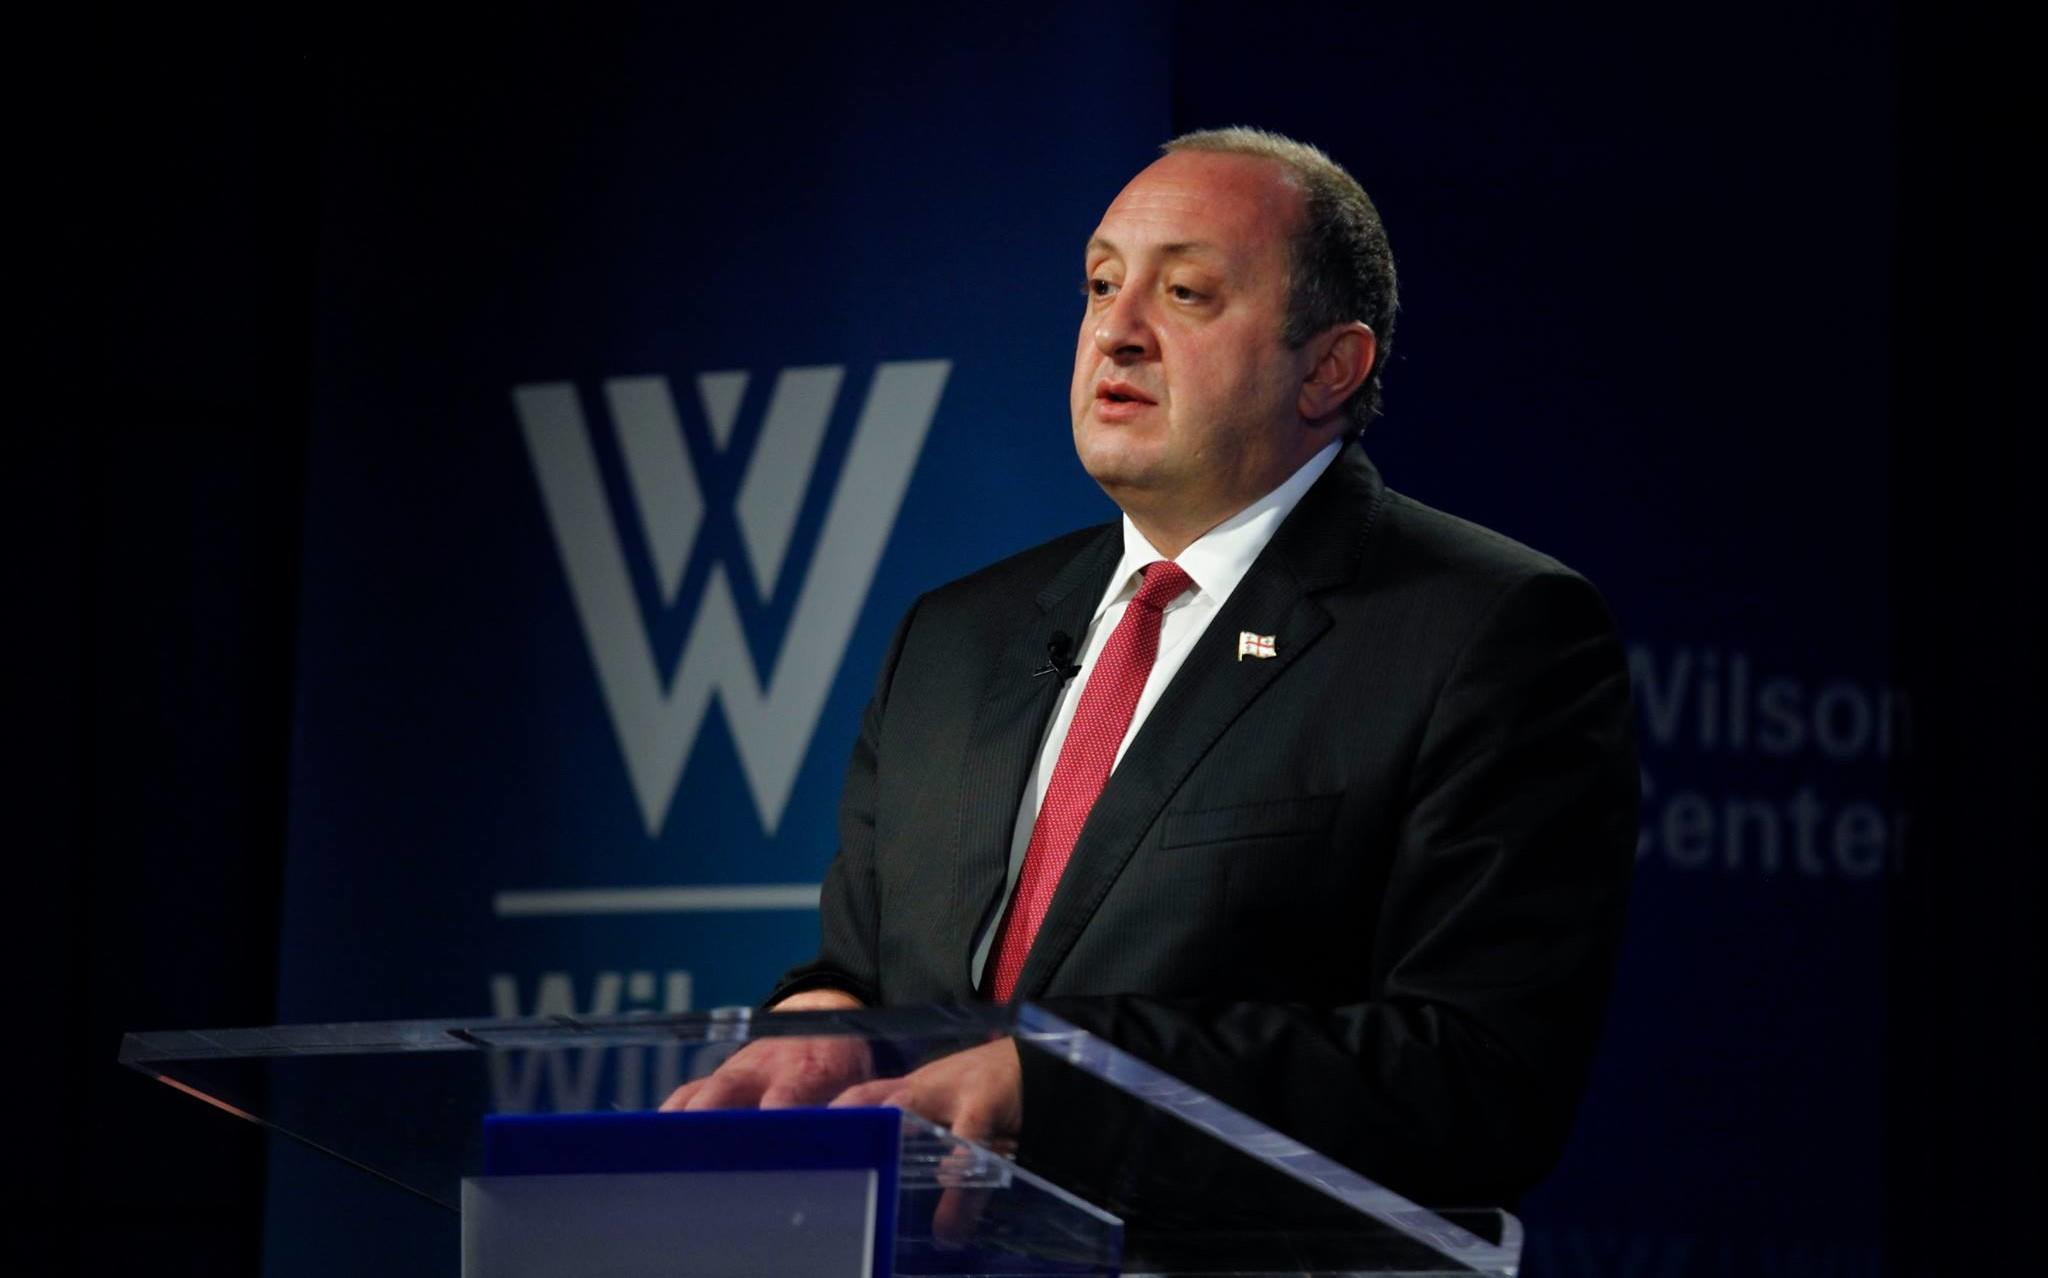 პრეზიდენტი მერაბიშვილზე ევროსასამართლოს გადაწყვეტილებას საქართველოსთვის დამაზიანებელს უწოდებს